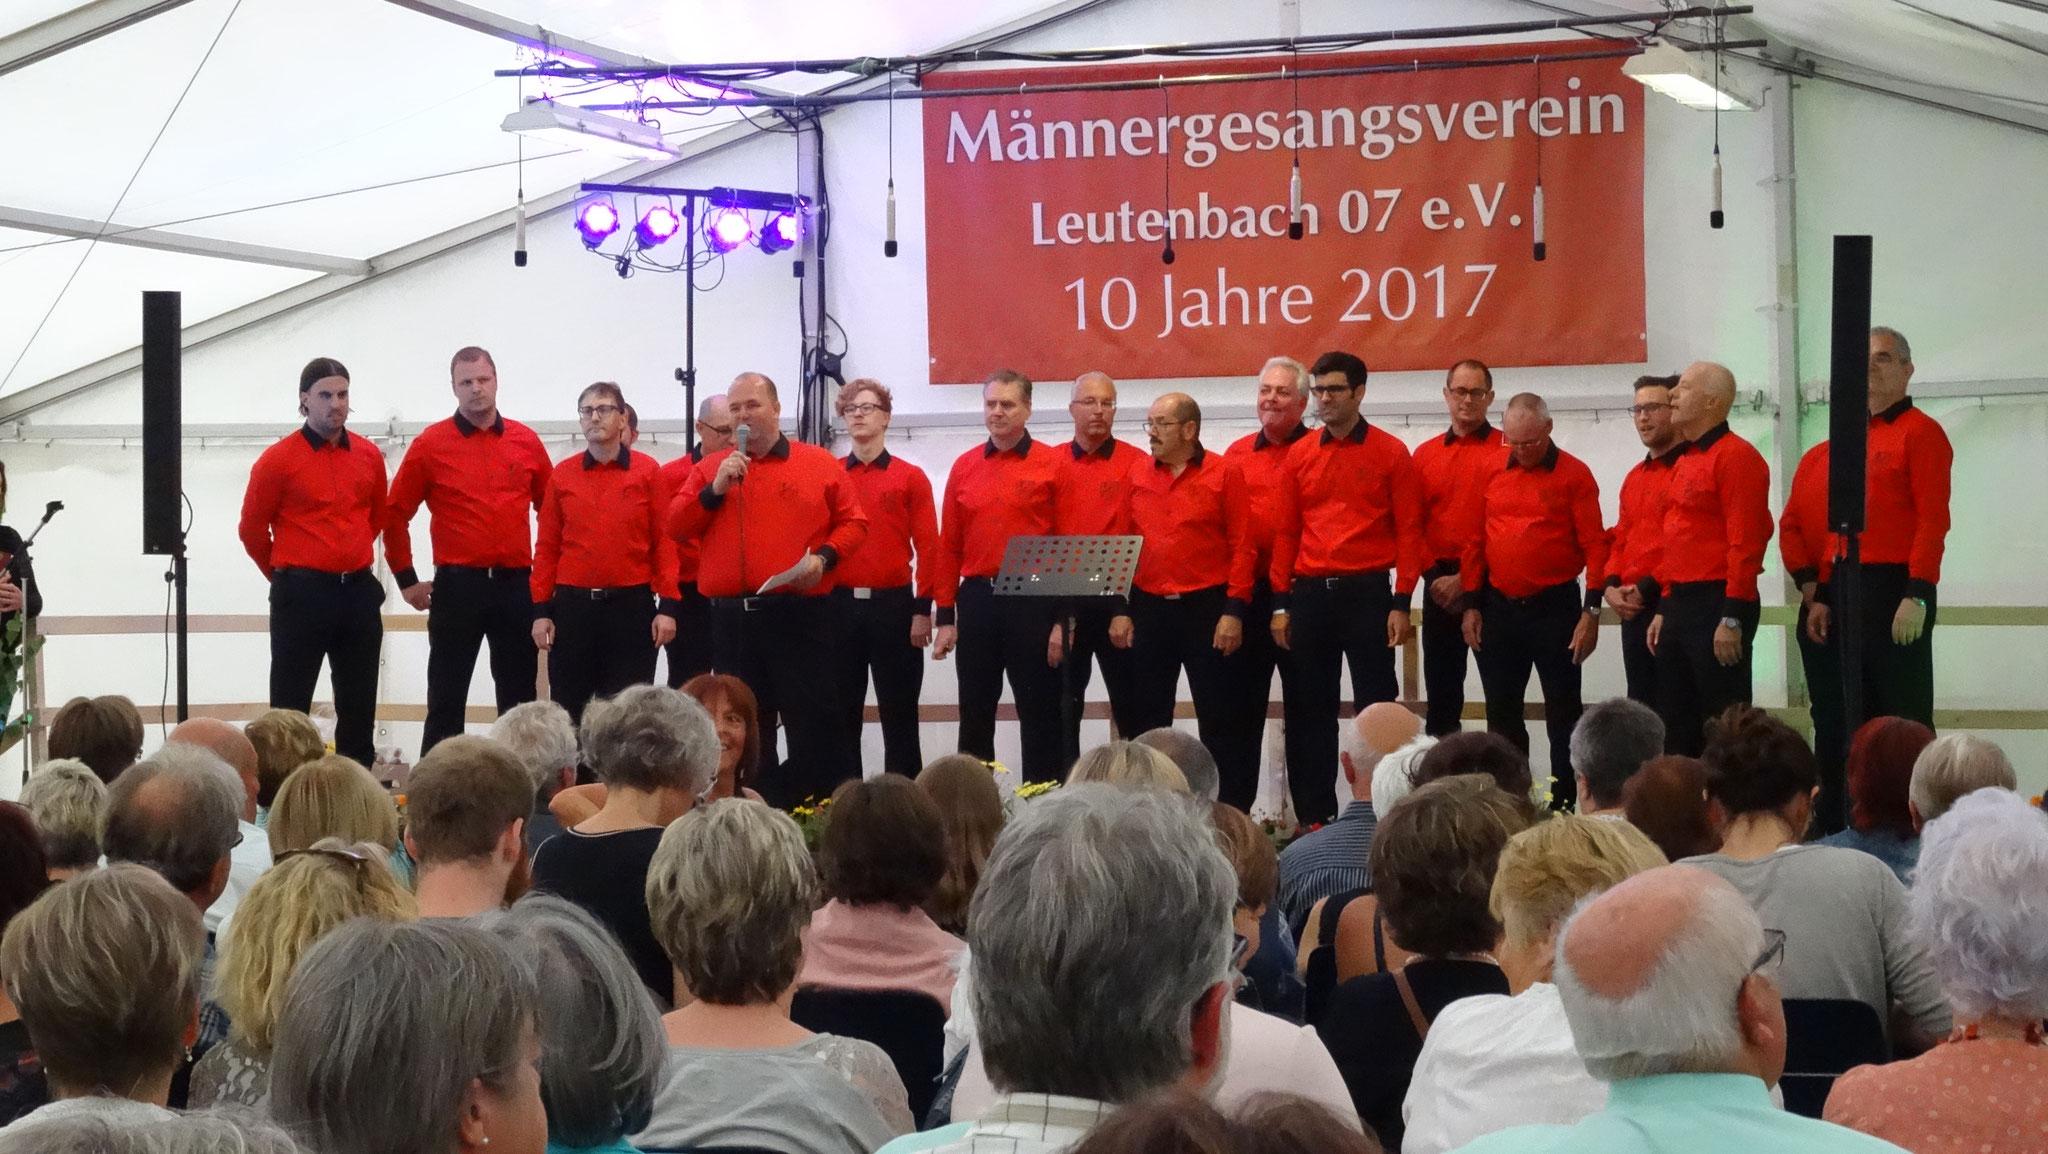 Jubiläumsfest 10 Jahre Männergesangsverein Leutenbach 07